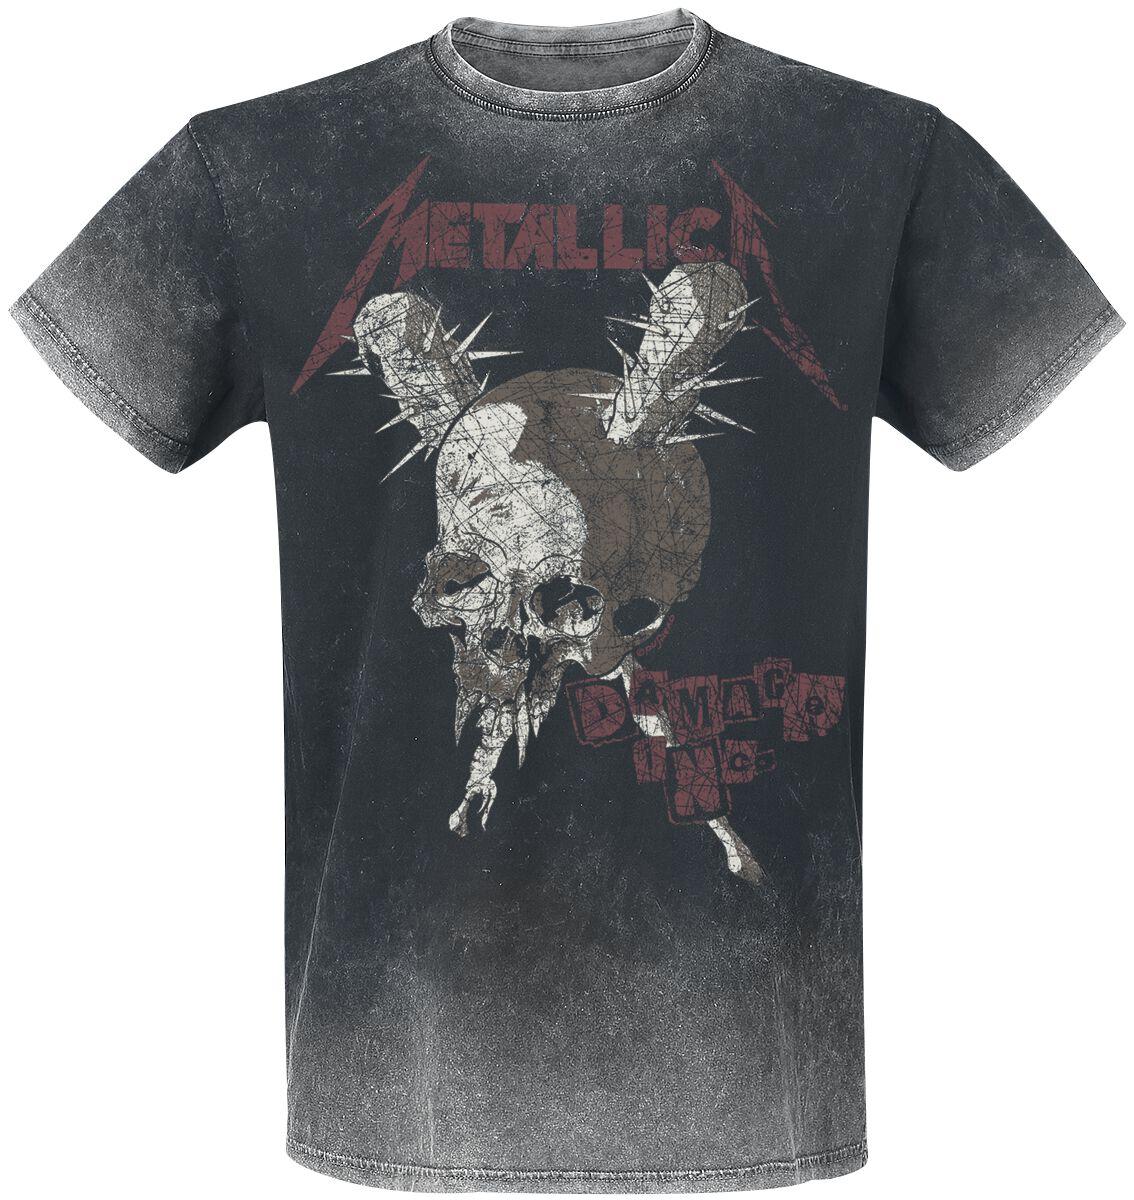 Metallica Damage Inc - Männer - dunkelgrau